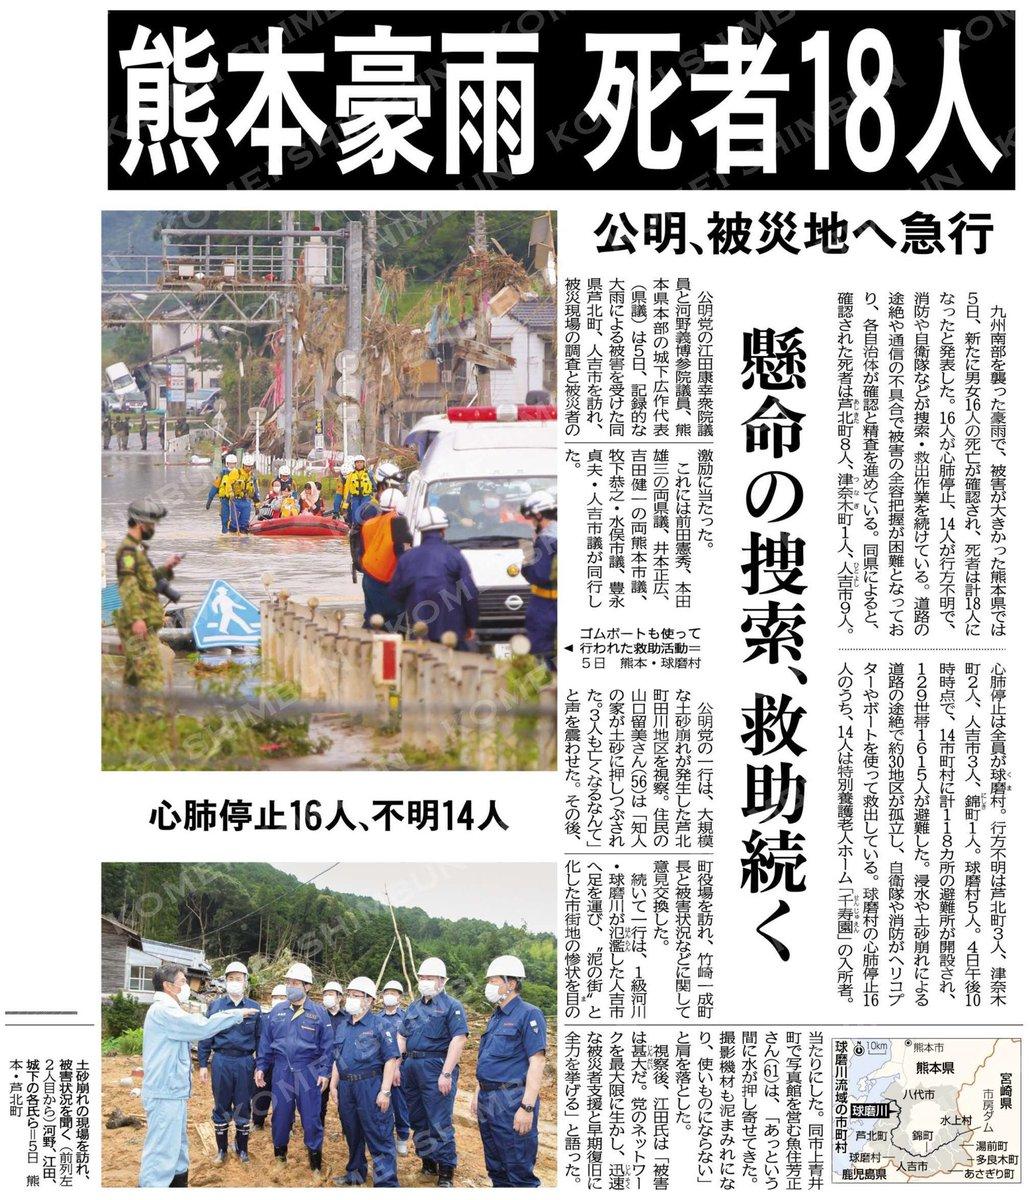 九州南部を襲った豪雨。道路の途絶や通信の不具合で被害の全容把握が困難な状況が続いています。  江田衆院議員@eda_yasuyuki  「党のネットワークを最大限に生かし、迅速な被災者支援と早期復旧に全力を挙げる」  #公明新聞電子版 2020年07月06日付  https://t.co/Ud3RDh9BbE https://t.co/w2WSks9B6S